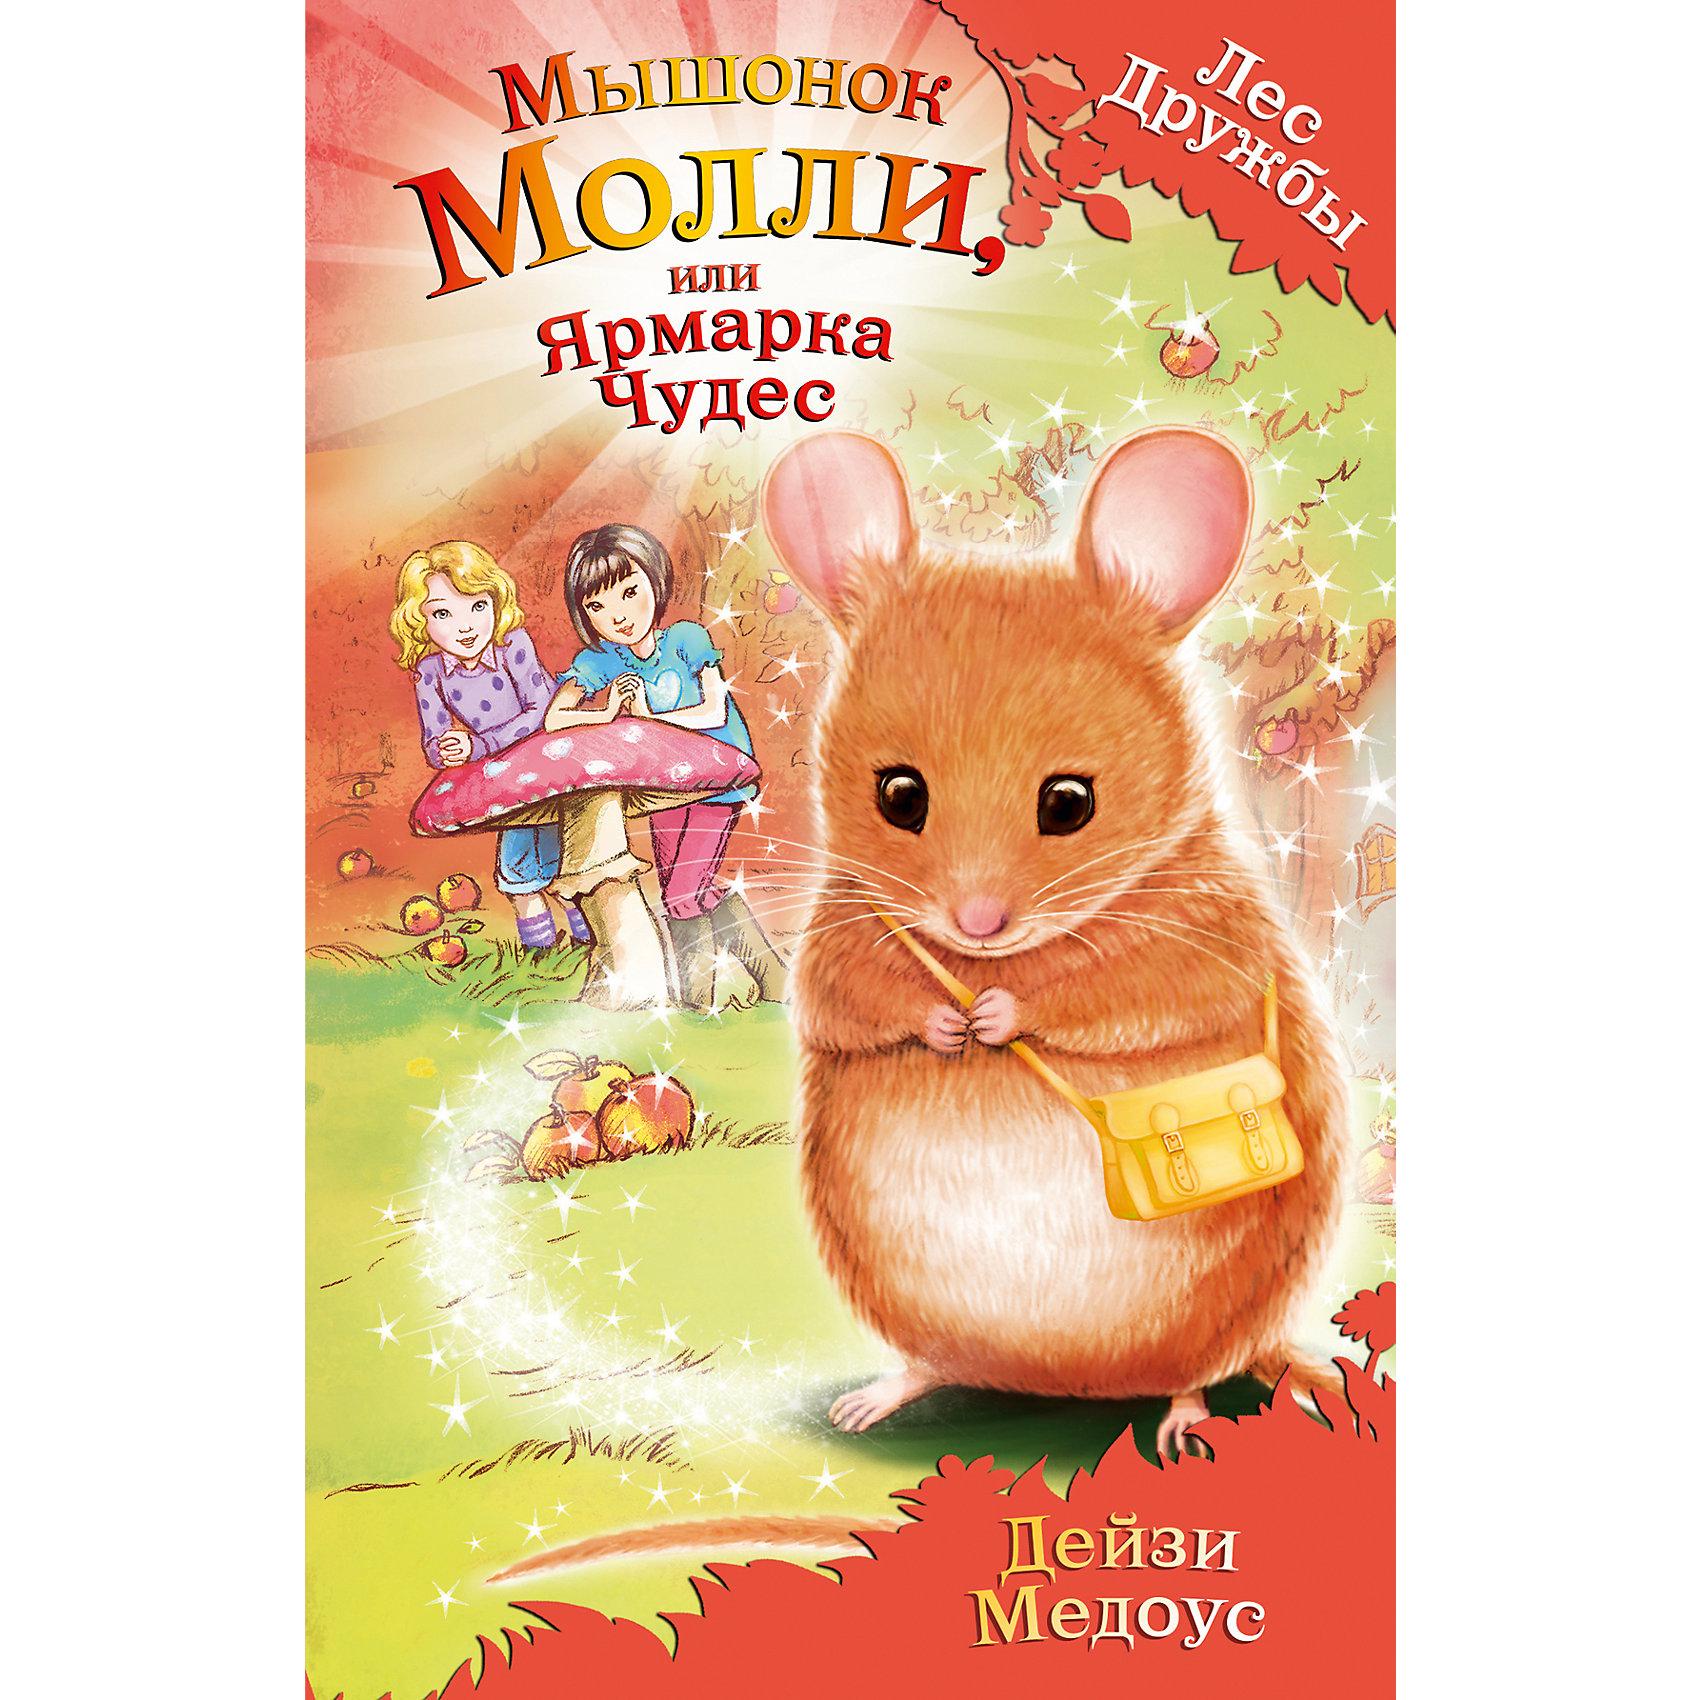 Мышонок Молли, или Ярмарка ЧудесДейзи Медоус - автор более ста книг для детей, среди которых серия Rainbow Magic - всемирный бестселлер о приключениях фей. Представляем вашему вниманию ее новый проект!<br>Лили и Джесс - лучшие подруги, они обожают животных и даже помогают в ветклинике. Однажды девочки знакомятся с необычной кошкой Голди, которая привела их в волшебное место – Лес Дружбы, где все животные умеют разговаривать. С этого дня приключения следуют одно за другим!<br>На Ярмарке Чудес – прекрасном и веселом празднике – Лили и Джесс познакомились с мышкой Молли. Молли стремится всем помогать и приходит на помощь даже вредным троллям. Но благодарность им неведома – и теперь, чтобы спасти Молли, подружки должны повернуть реку вспять и собрать сокровища…<br><br>Ширина мм: 200<br>Глубина мм: 125<br>Высота мм: 10<br>Вес г: 204<br>Возраст от месяцев: 36<br>Возраст до месяцев: 2147483647<br>Пол: Унисекс<br>Возраст: Детский<br>SKU: 5535432